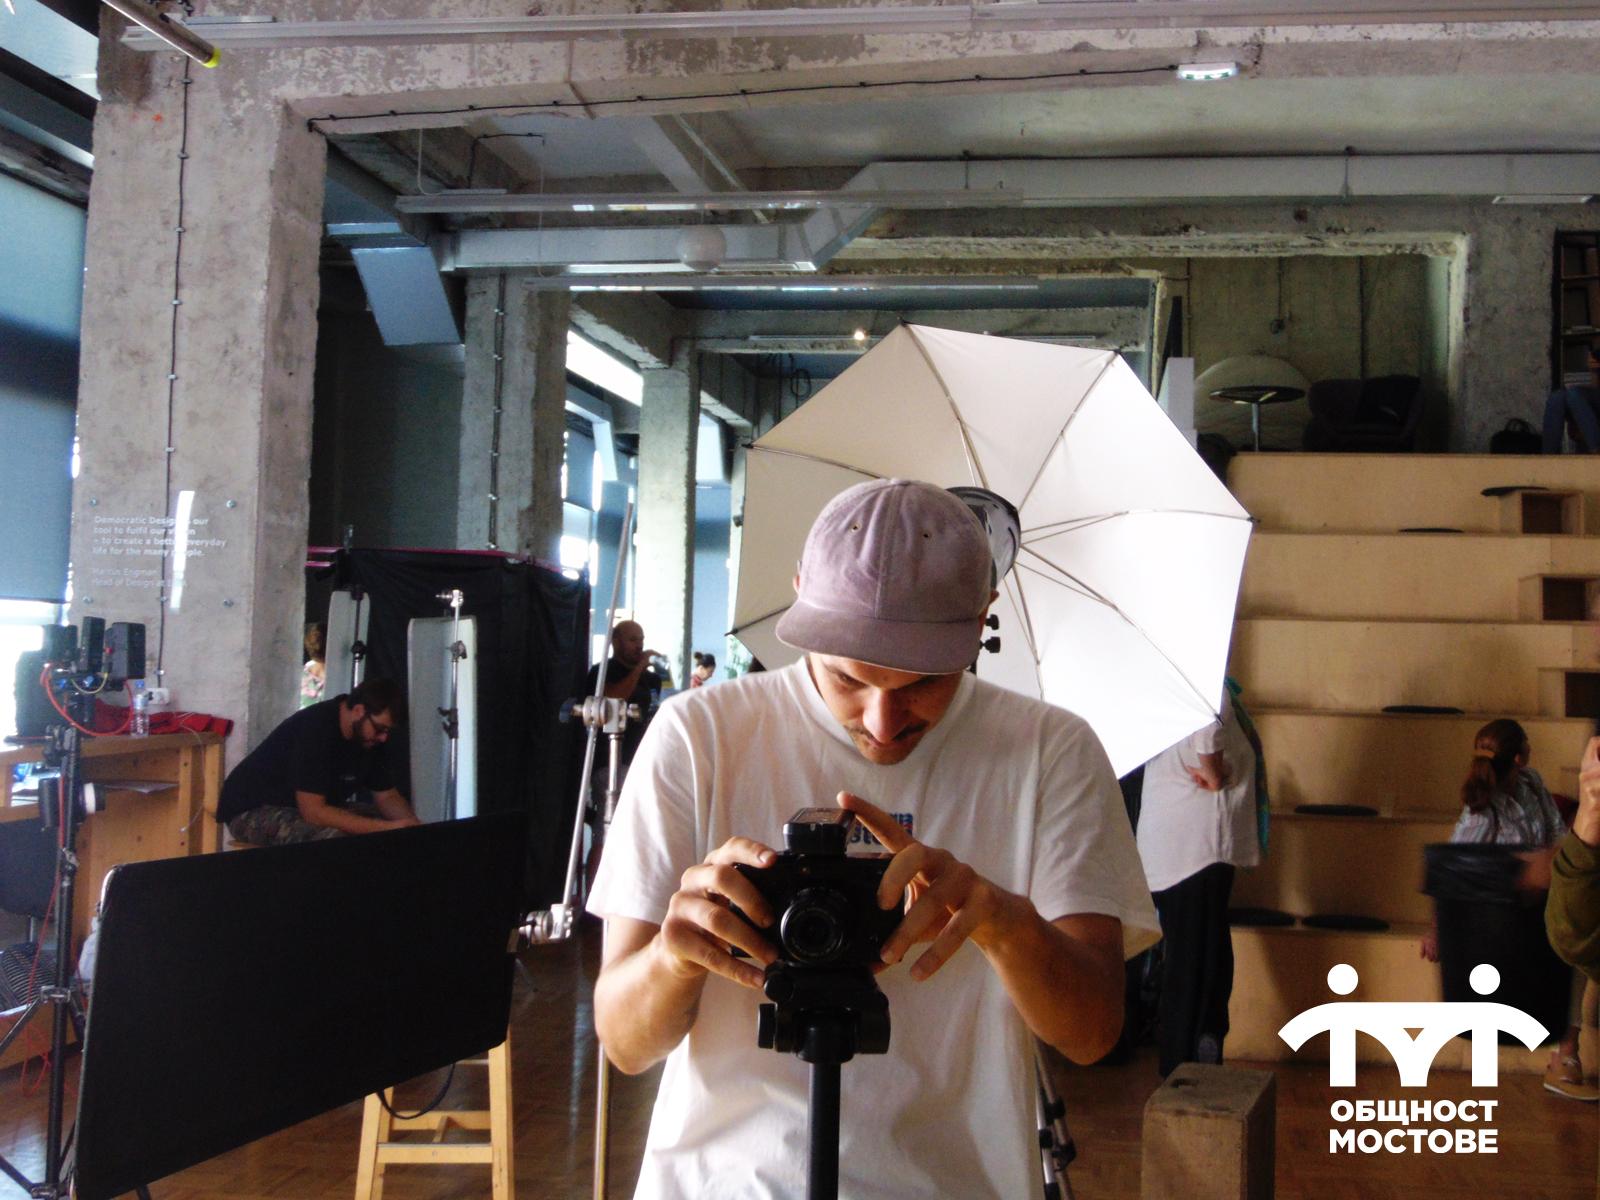 Част от снимачния ден. Операторът Златимир Ароклиев подготвя фотоапарата си за заснемане на сцена.